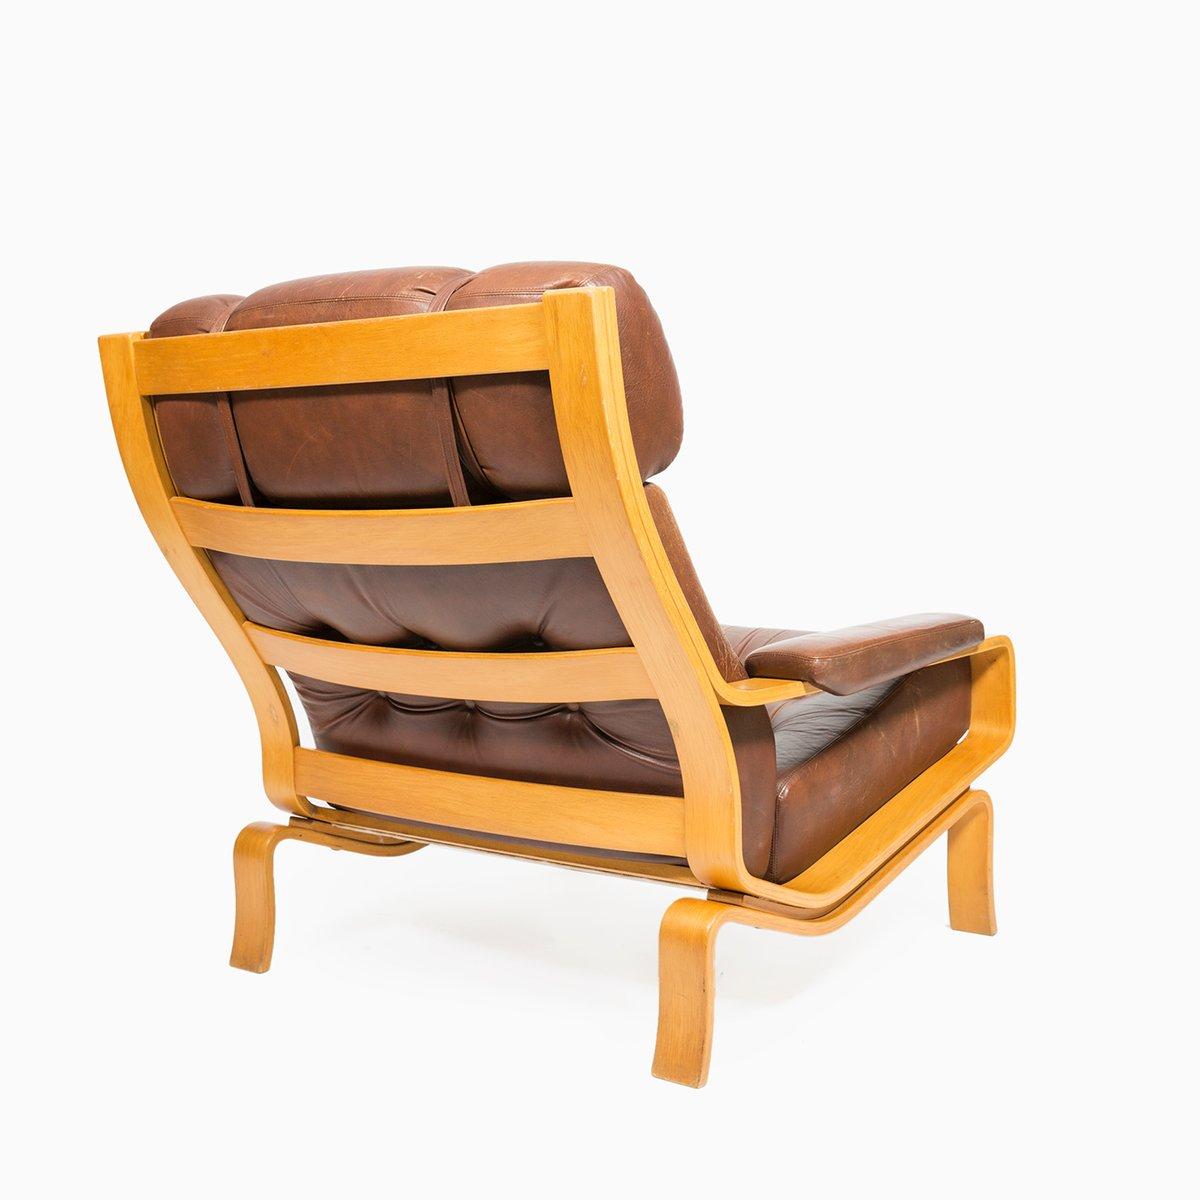 sessel von lindl fs 1970er bei pamono kaufen. Black Bedroom Furniture Sets. Home Design Ideas